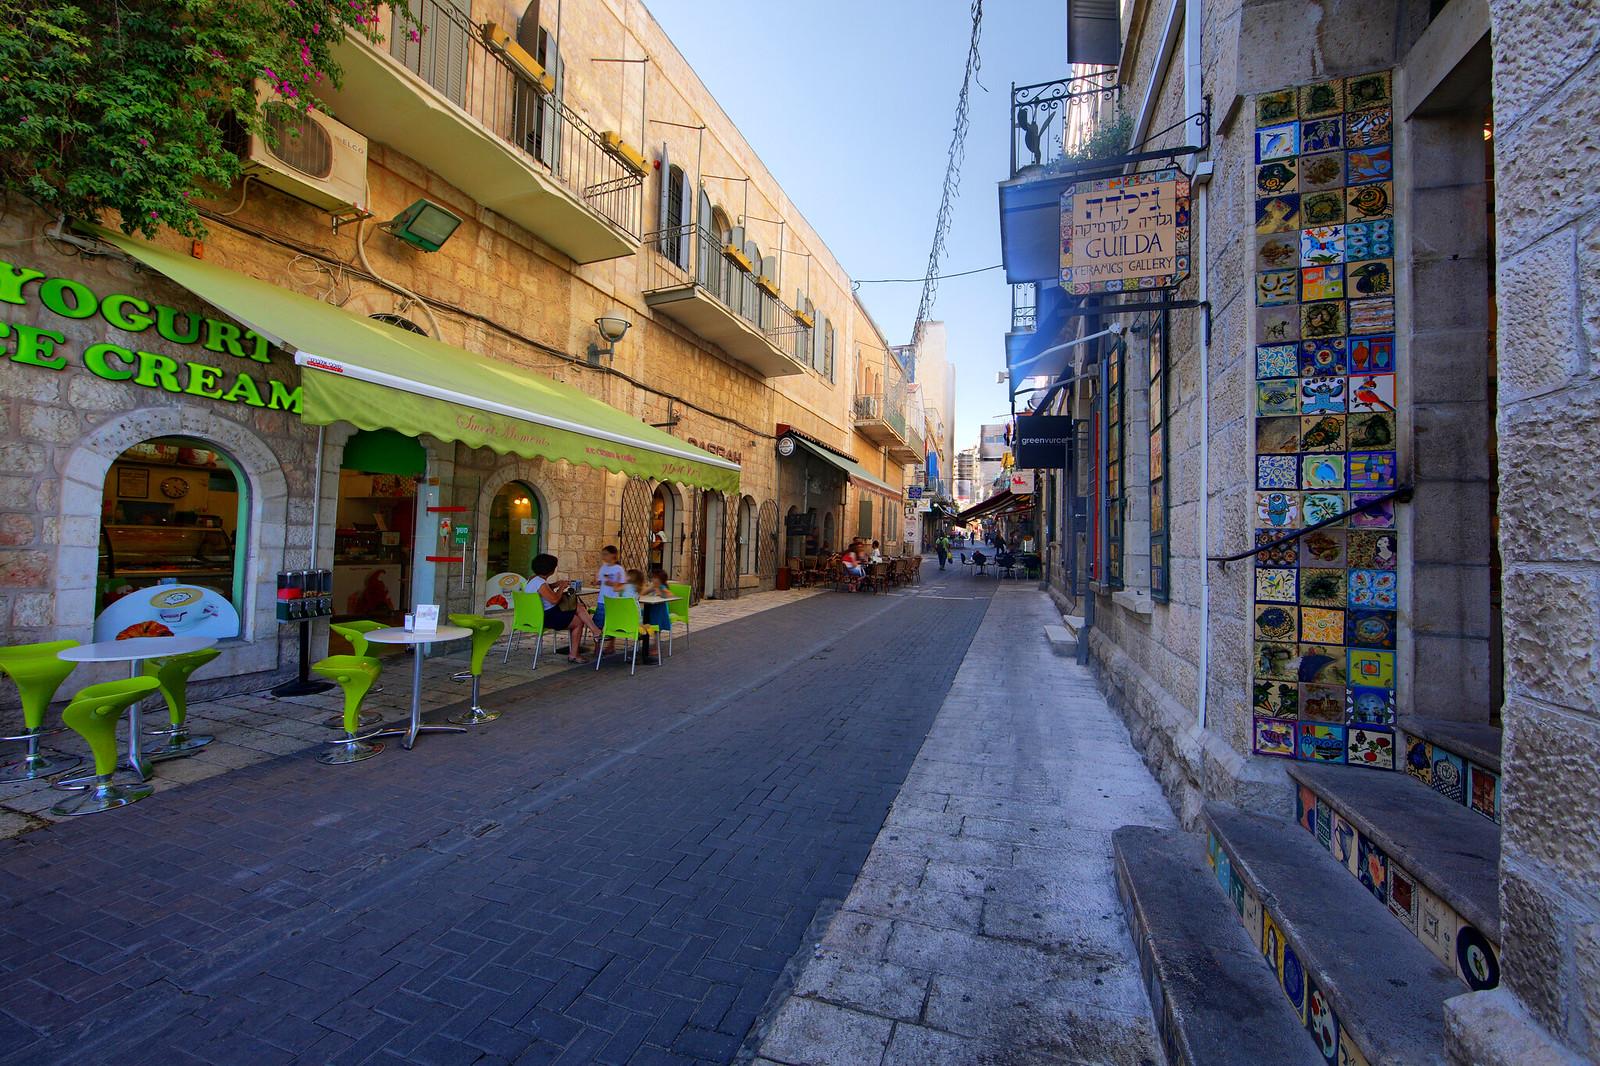 Jerusalem_City Center_3_Noam Chen_IMOT